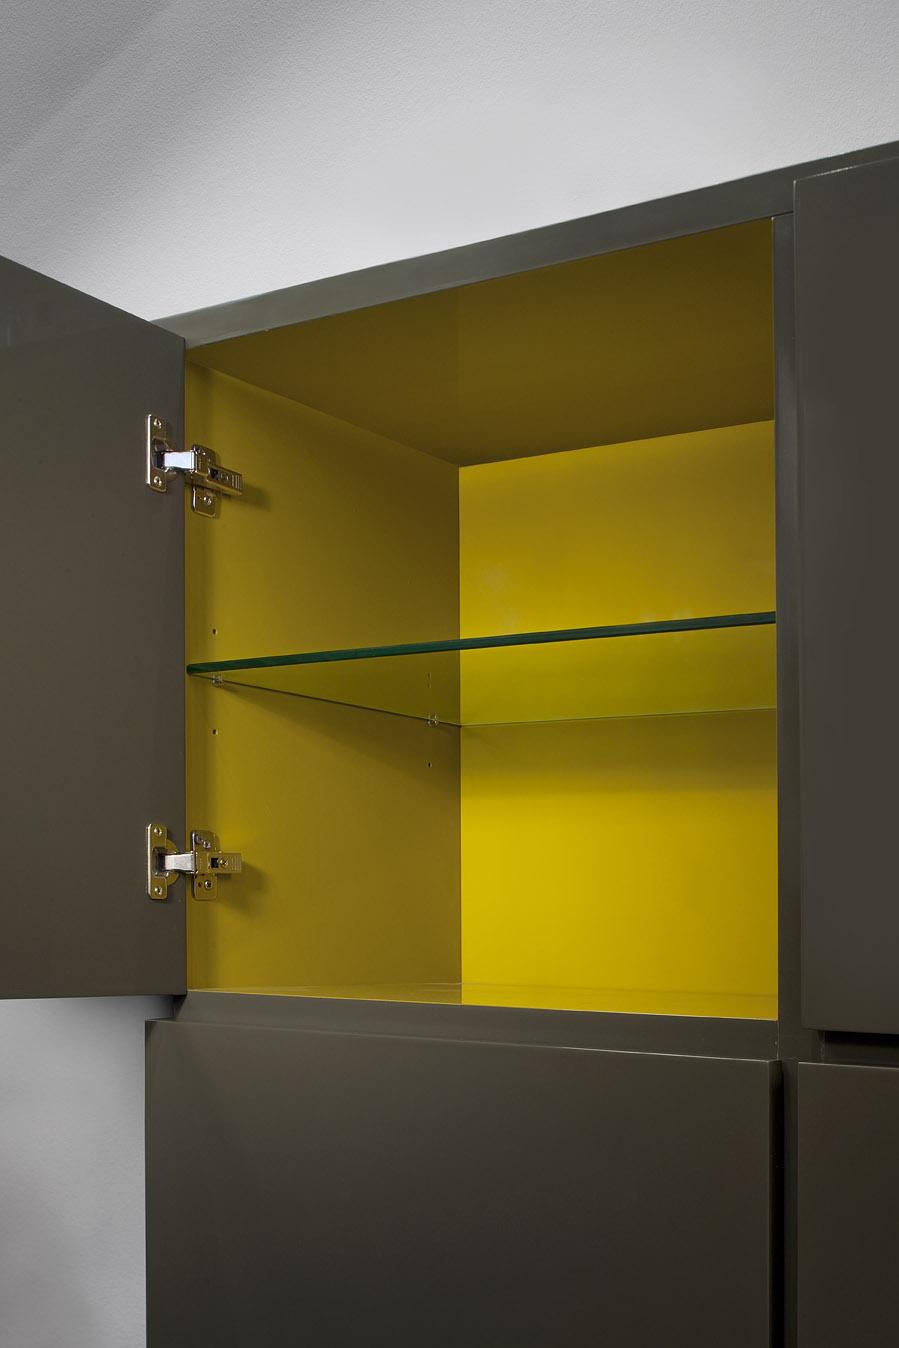 Estudi metro mobiliario - Tu mueble ocana ...